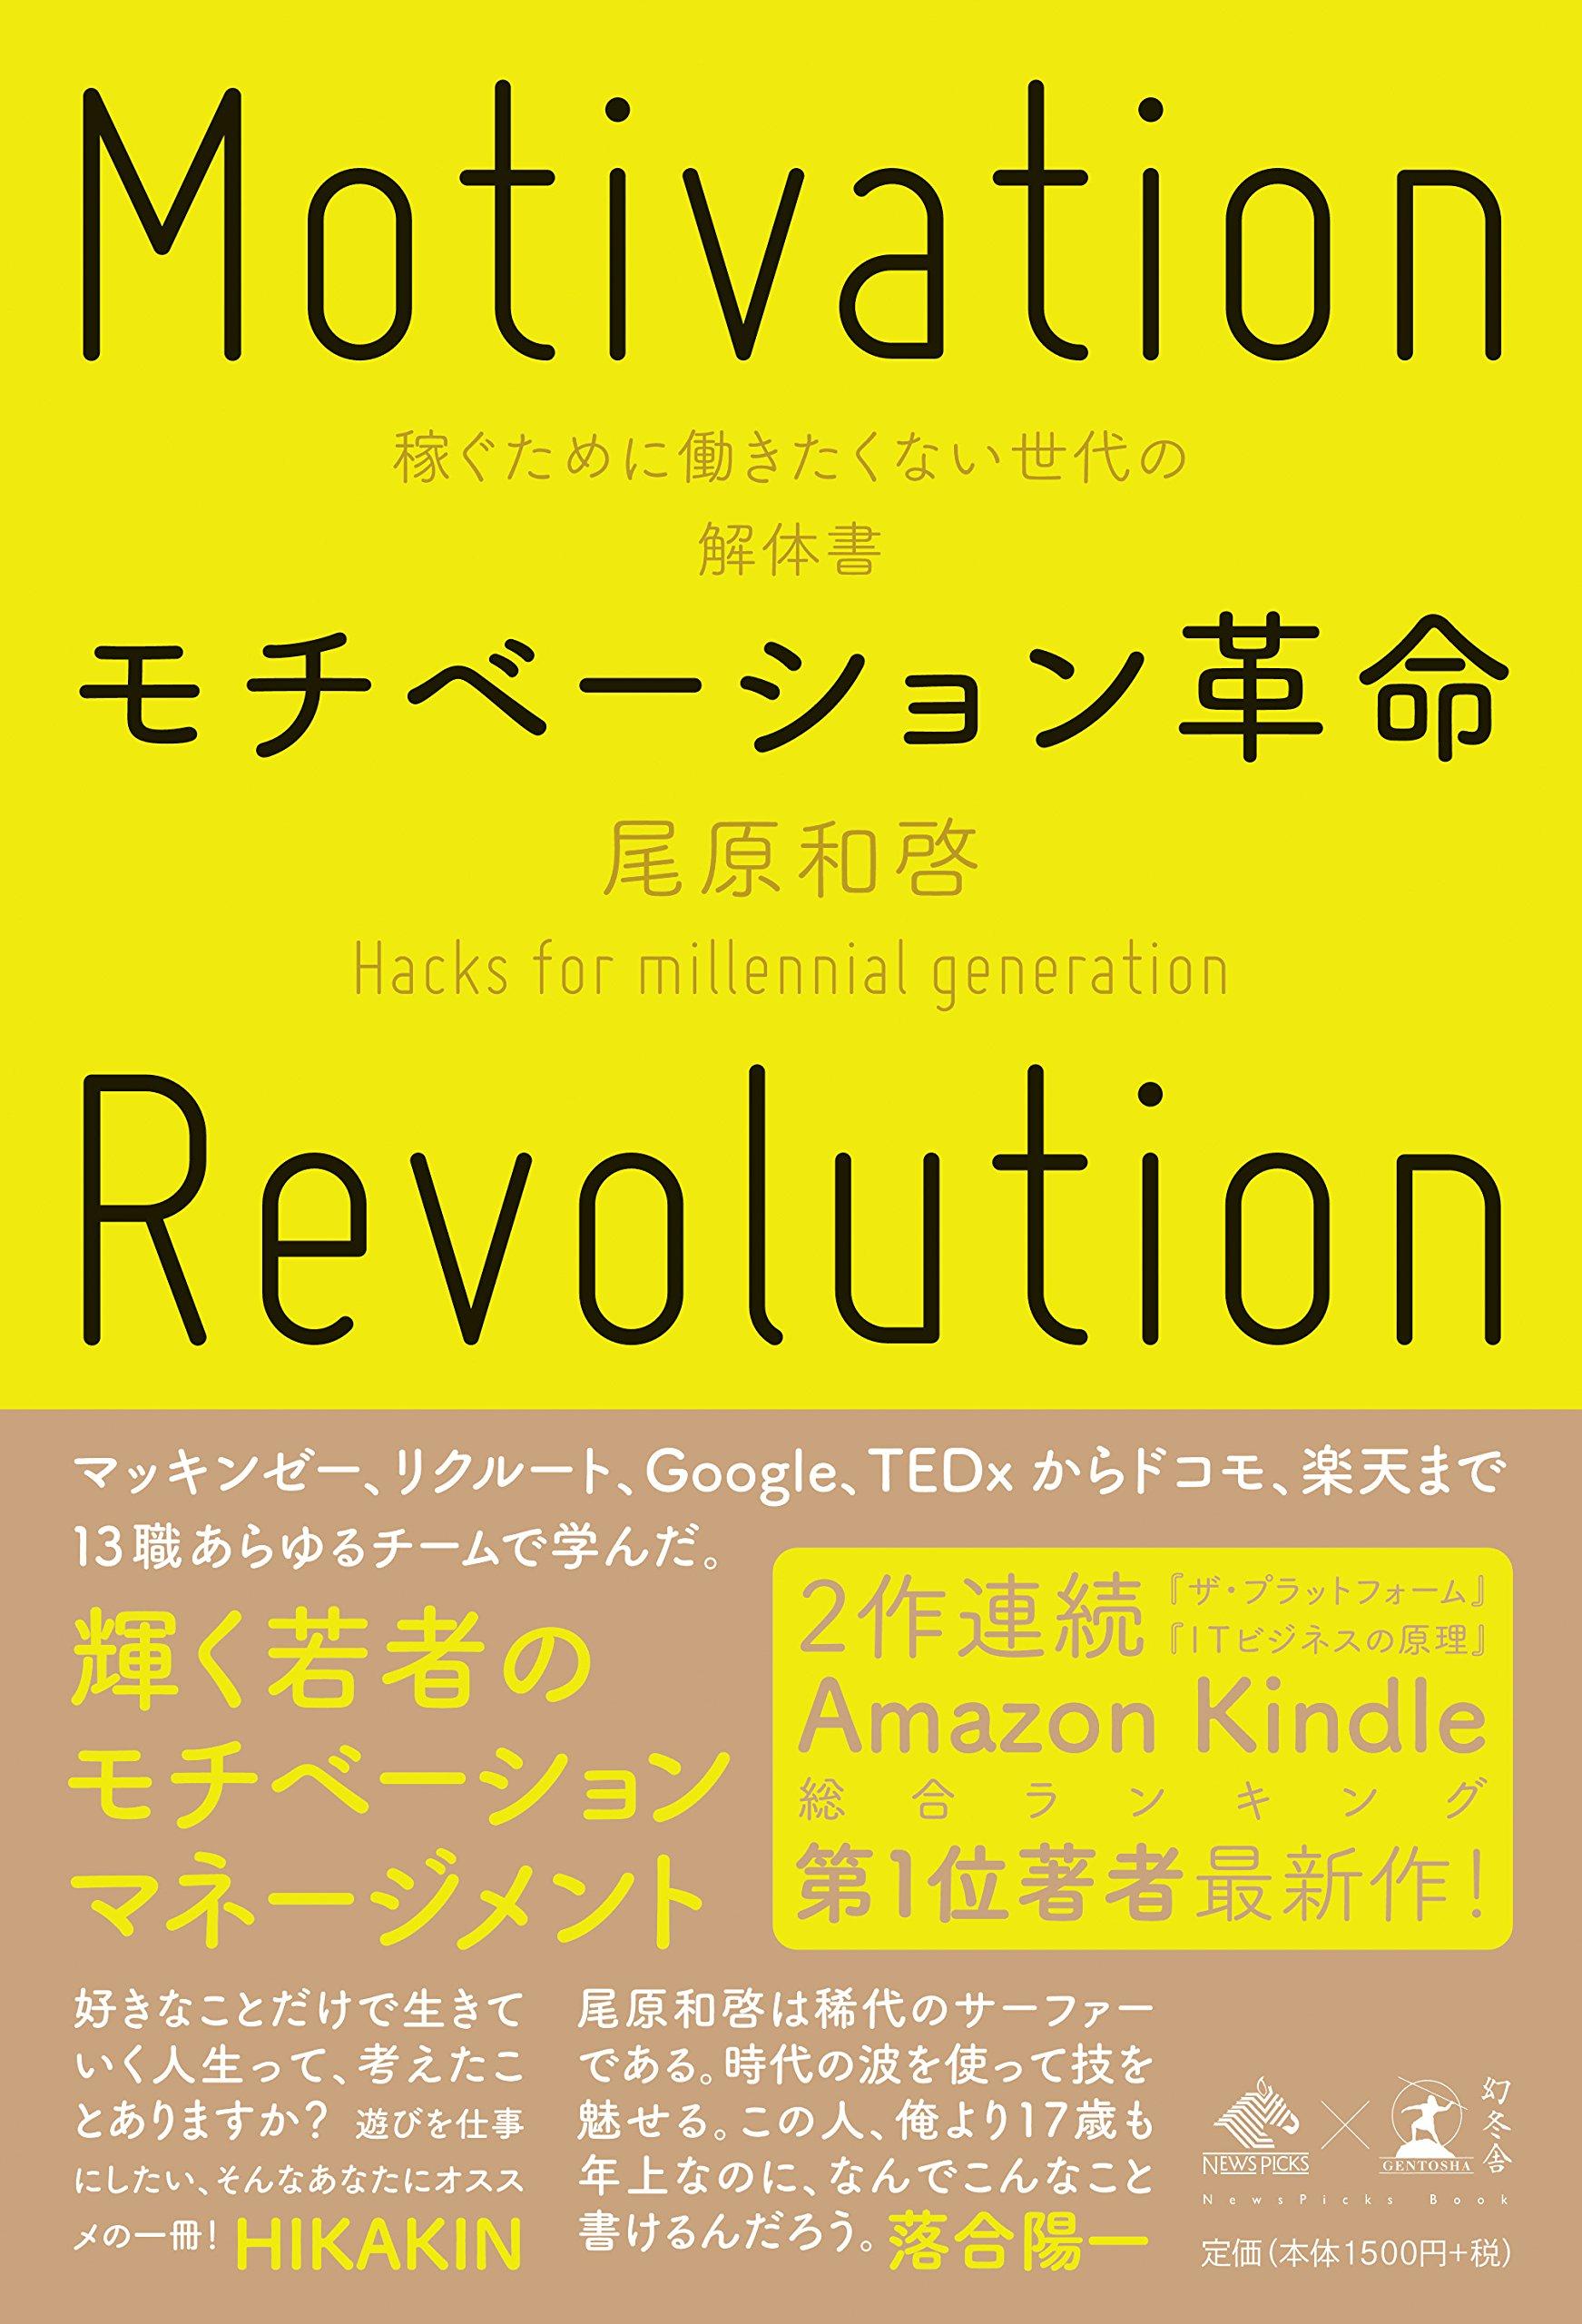 「モチベーション革命」の画像検索結果